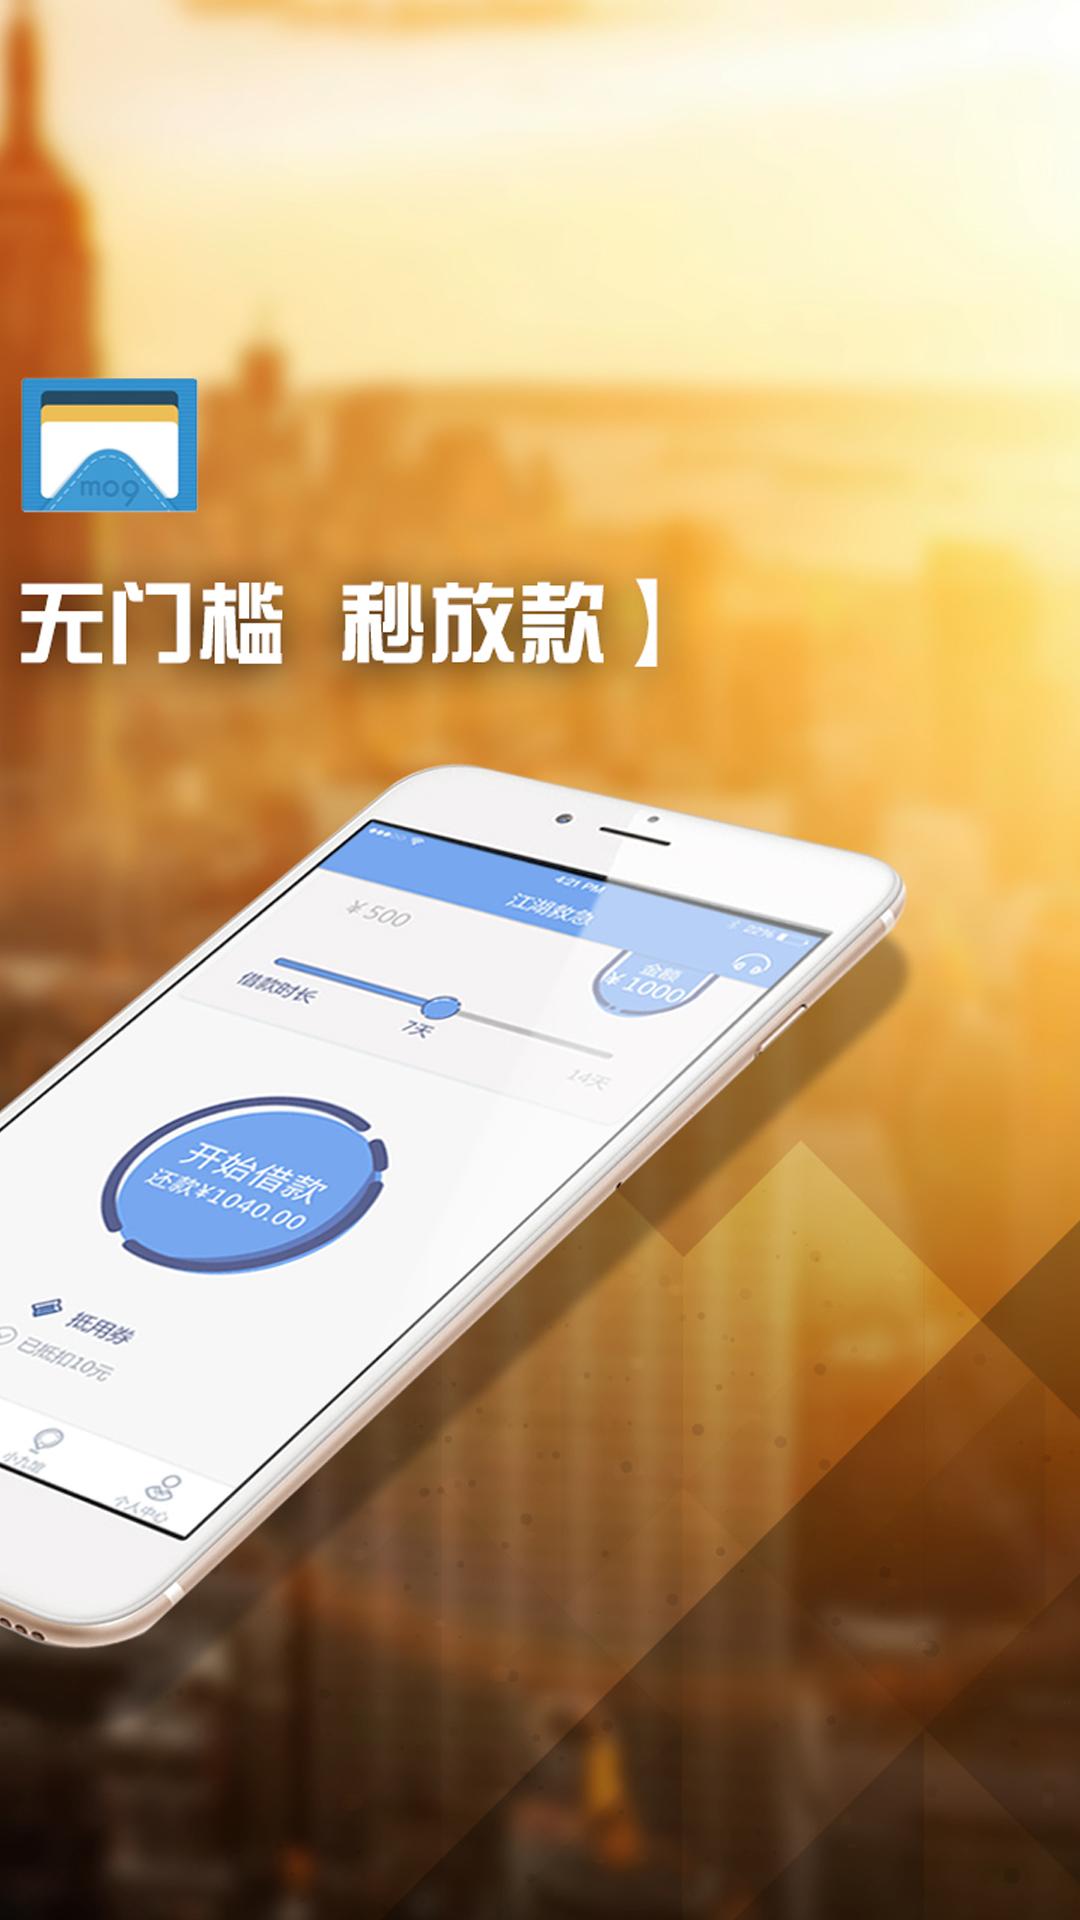 mo9信用钱包 V7.8.8 安卓版截图2